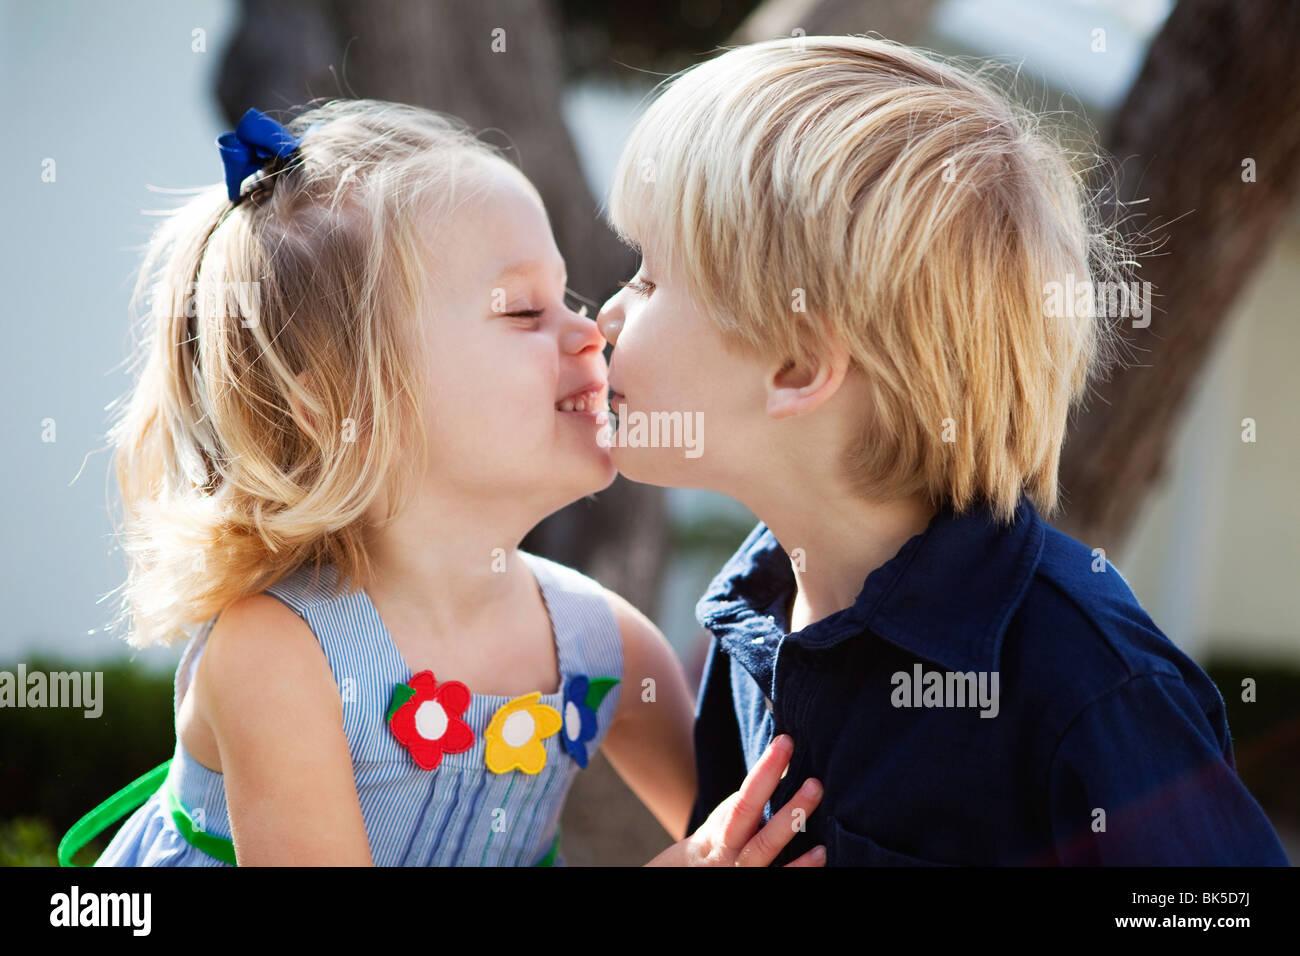 Niños y niñas dando besos esquimal Imagen De Stock